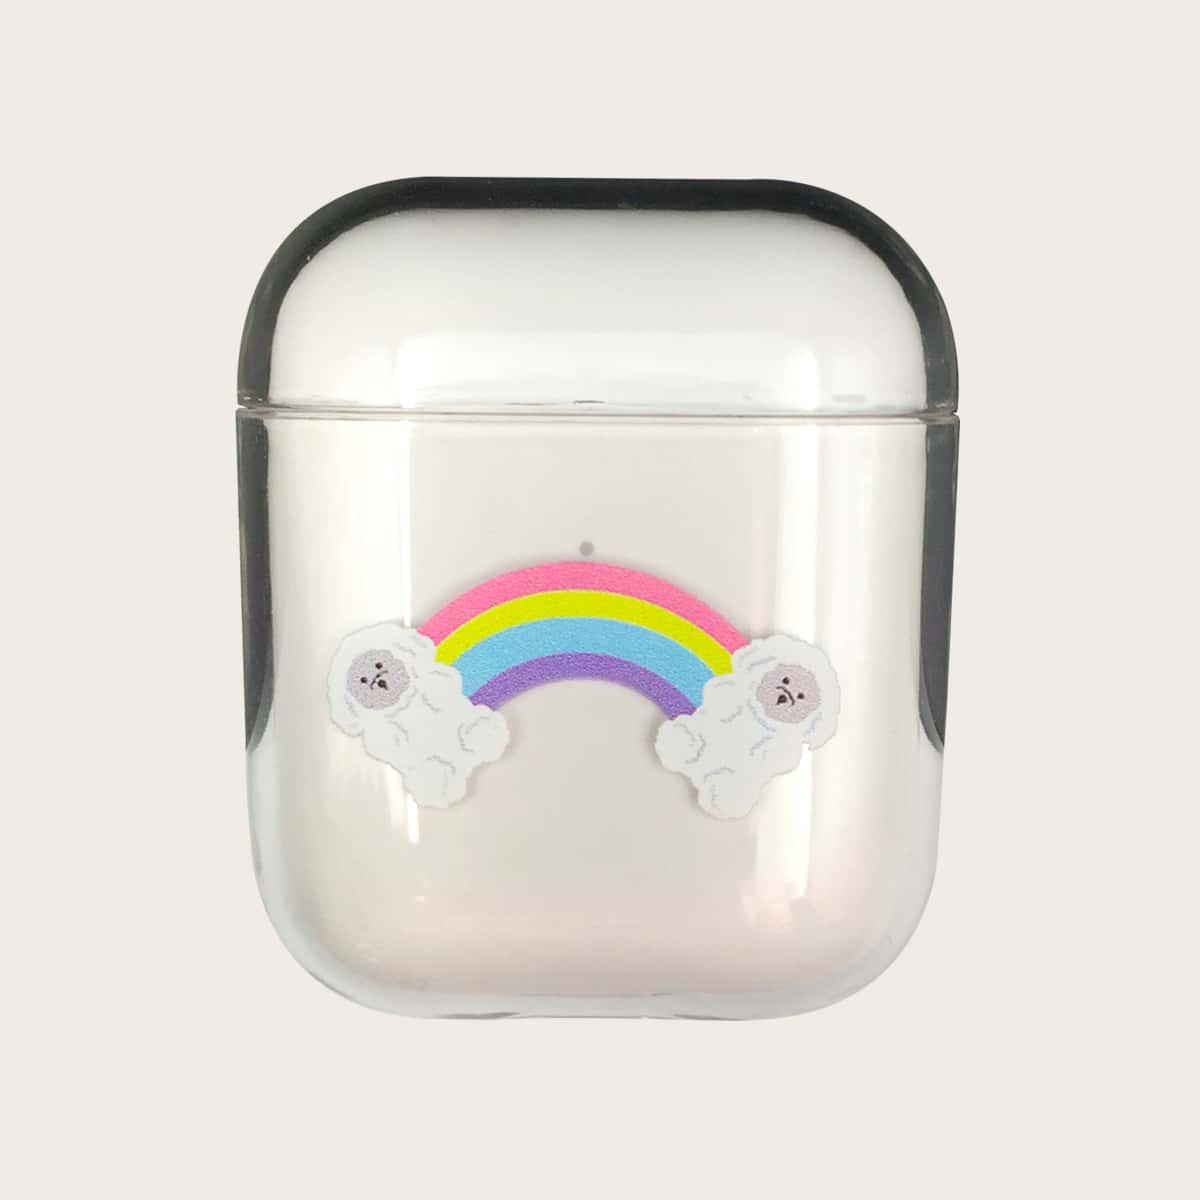 SHEIN / 1 Stück Transparente Airpods Hülle mit Regenbogen Muster